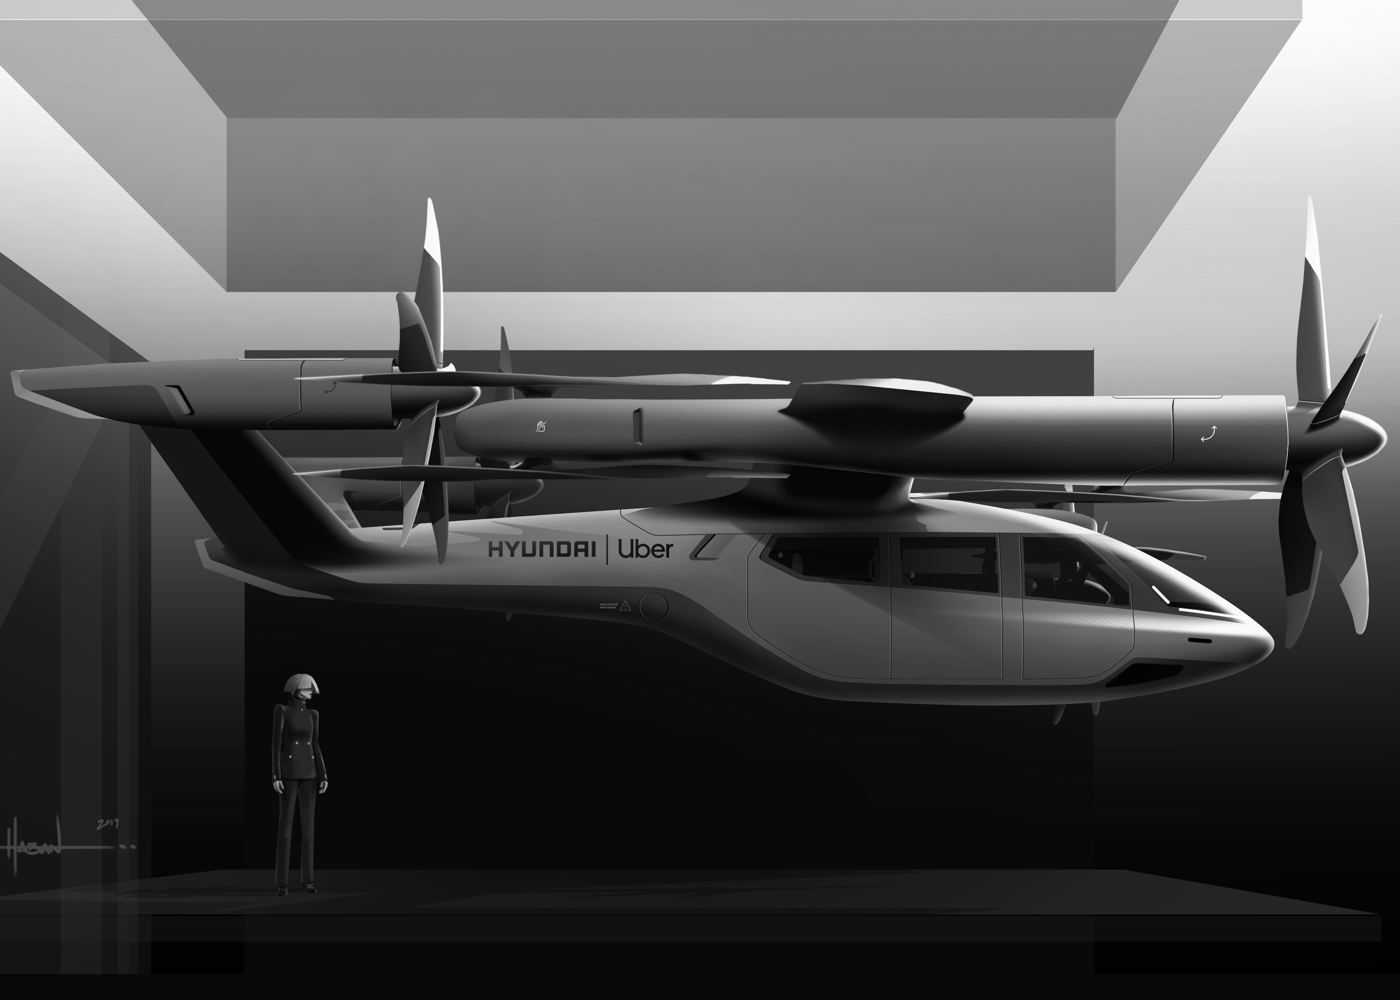 Hyundai S-A1 eVTOL air taxi